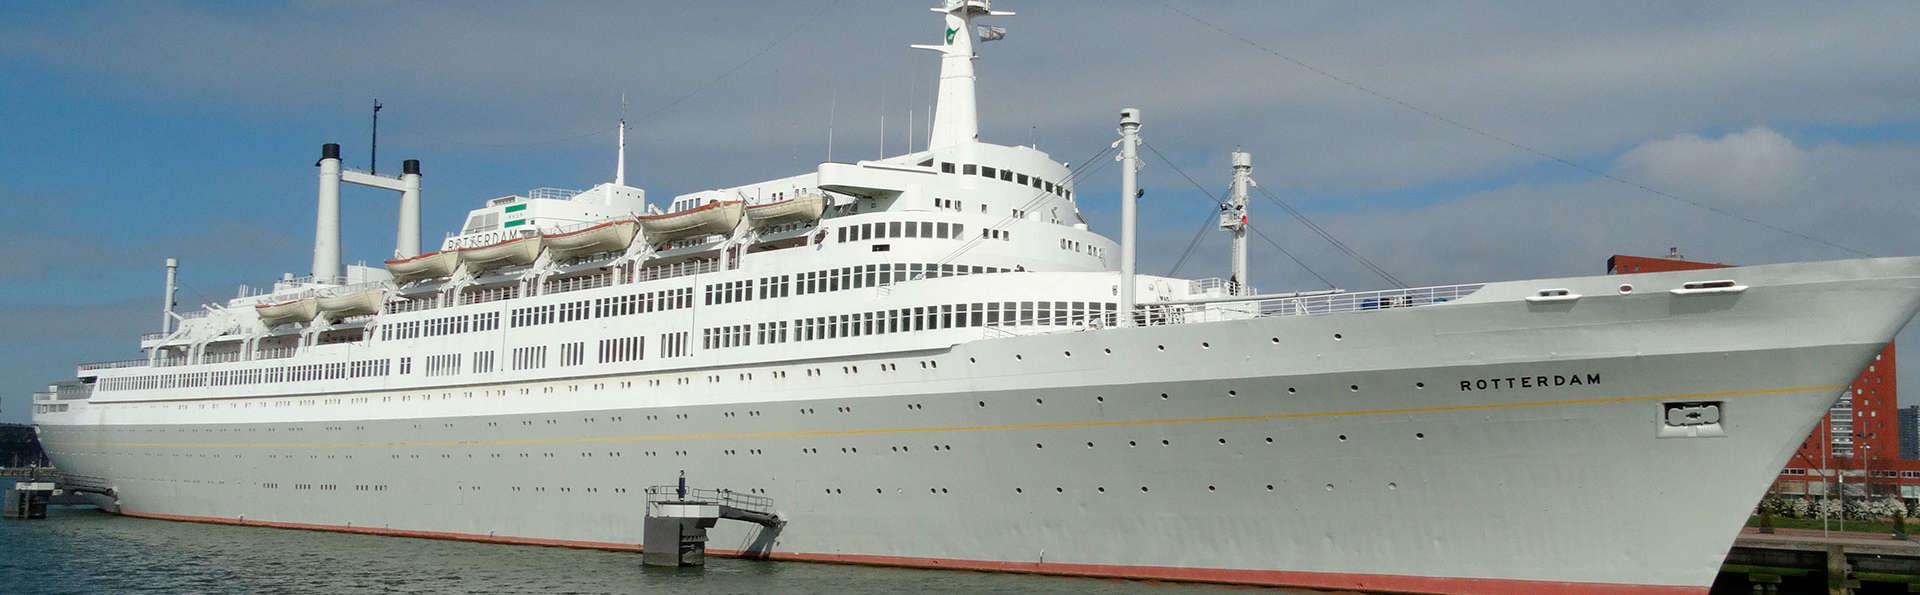 Découvrez Rotterdam à bord d'un ancien bateau de croisière (à partir de 2 nuits)